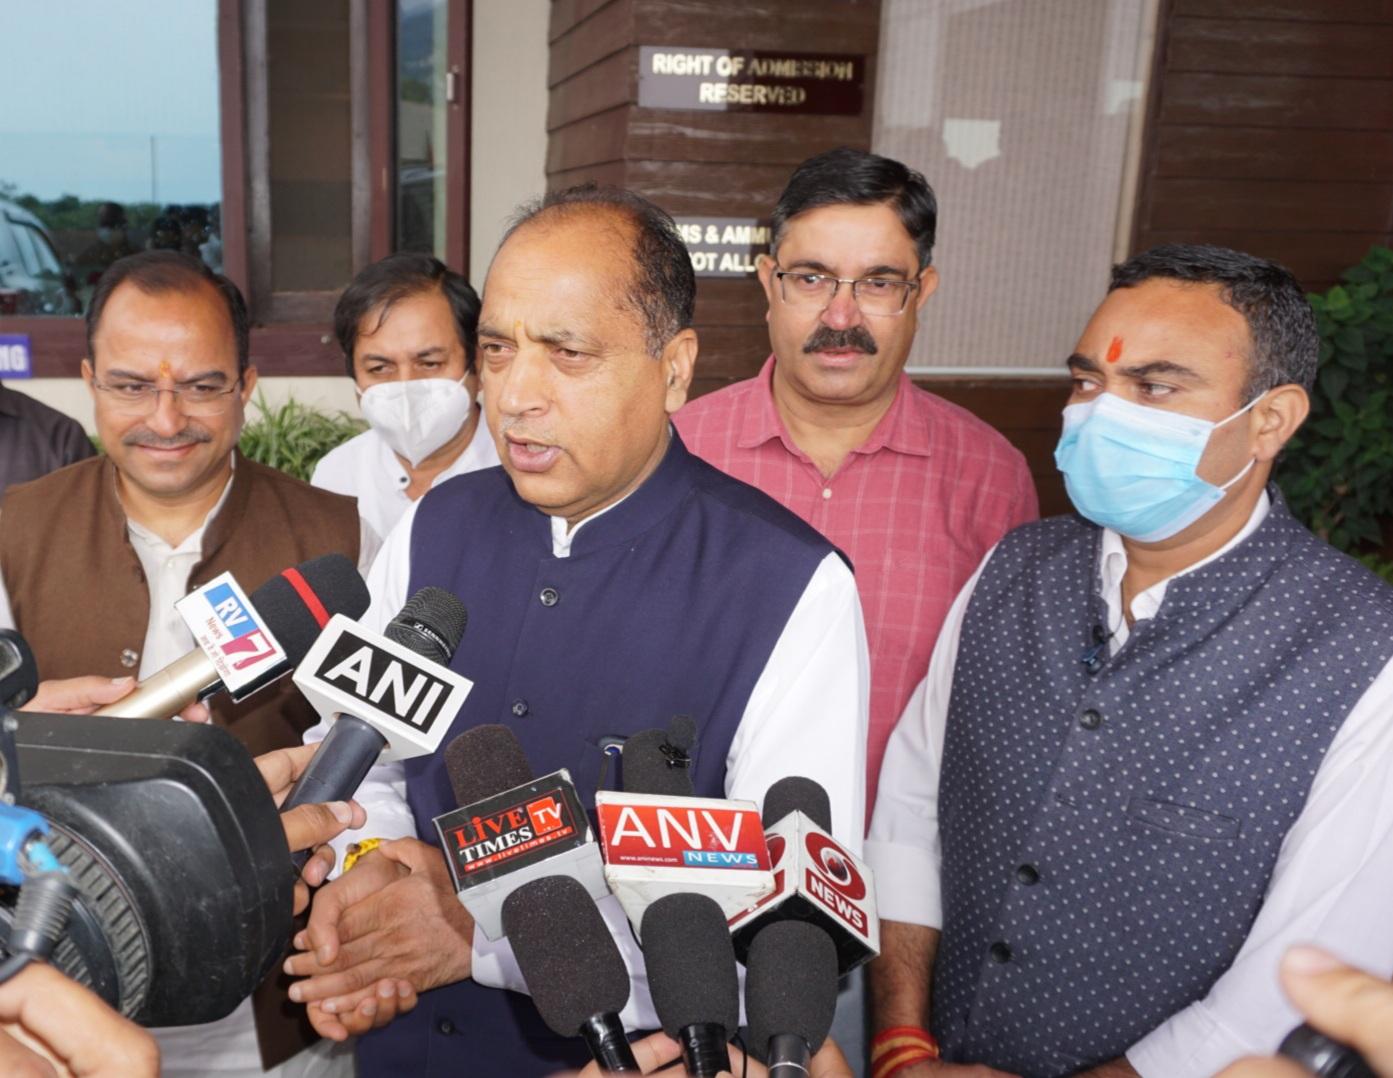 CM जयराम का ऐलान- कांग्रेस जिस मर्ज़ी मुद्दे पर लड़ सकती है, हम केंद्र व प्रदेश की उपलब्धियों पर लड़ेंगे चुनाव